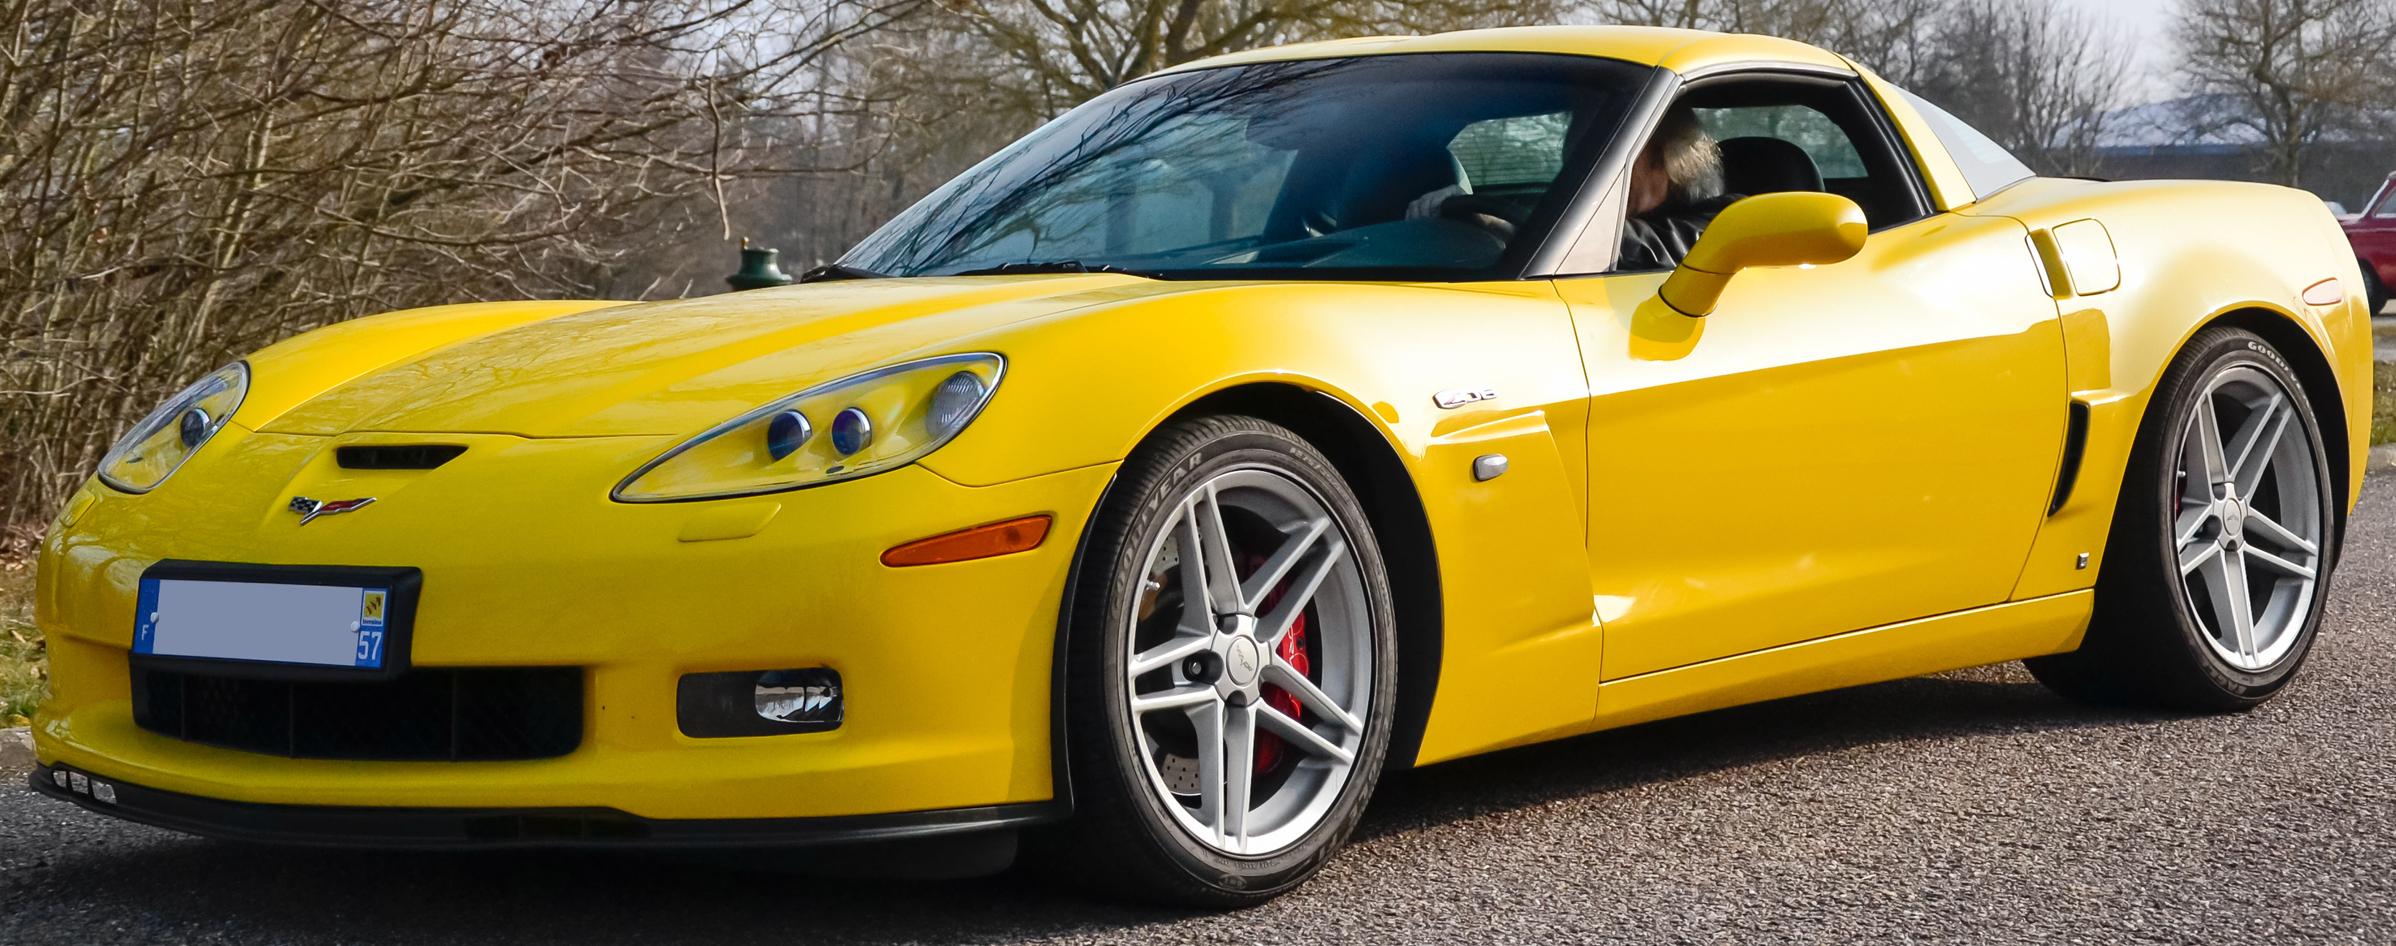 Kekurangan Chevrolet Corvette C6 Review